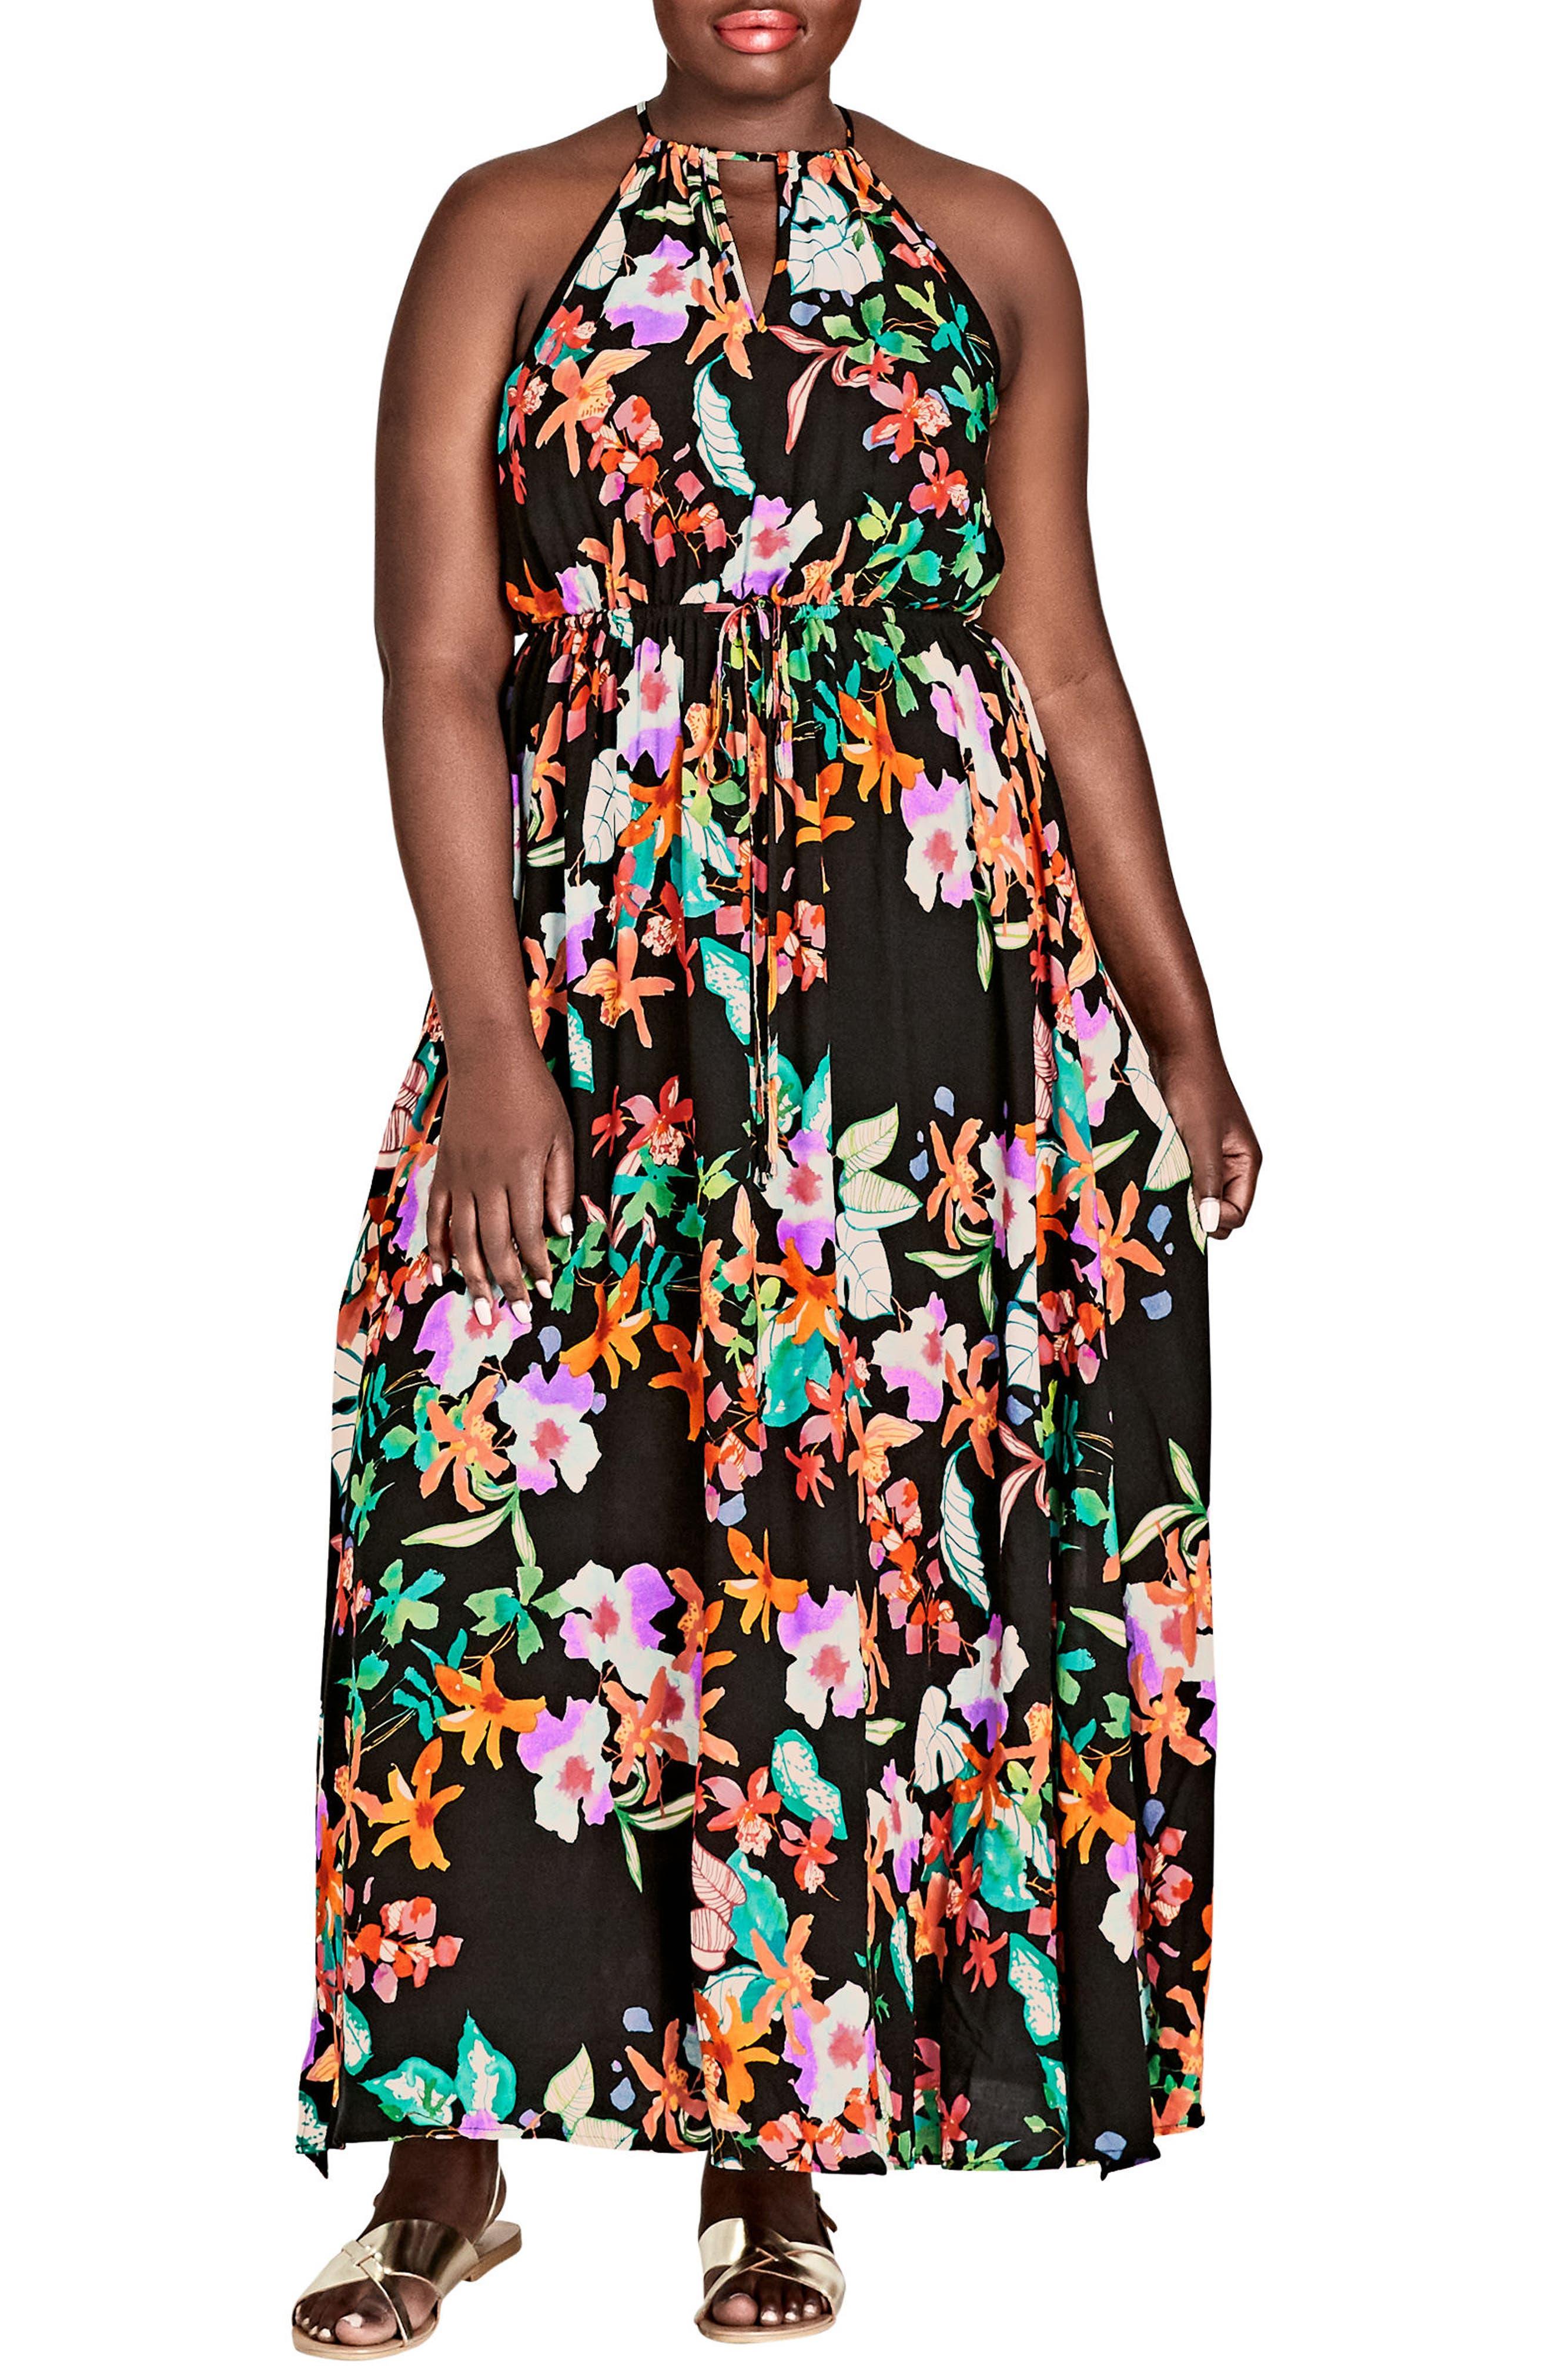 Molokai Floral Maxi Dress,                         Main,                         color, MOLOKAI FLORAL